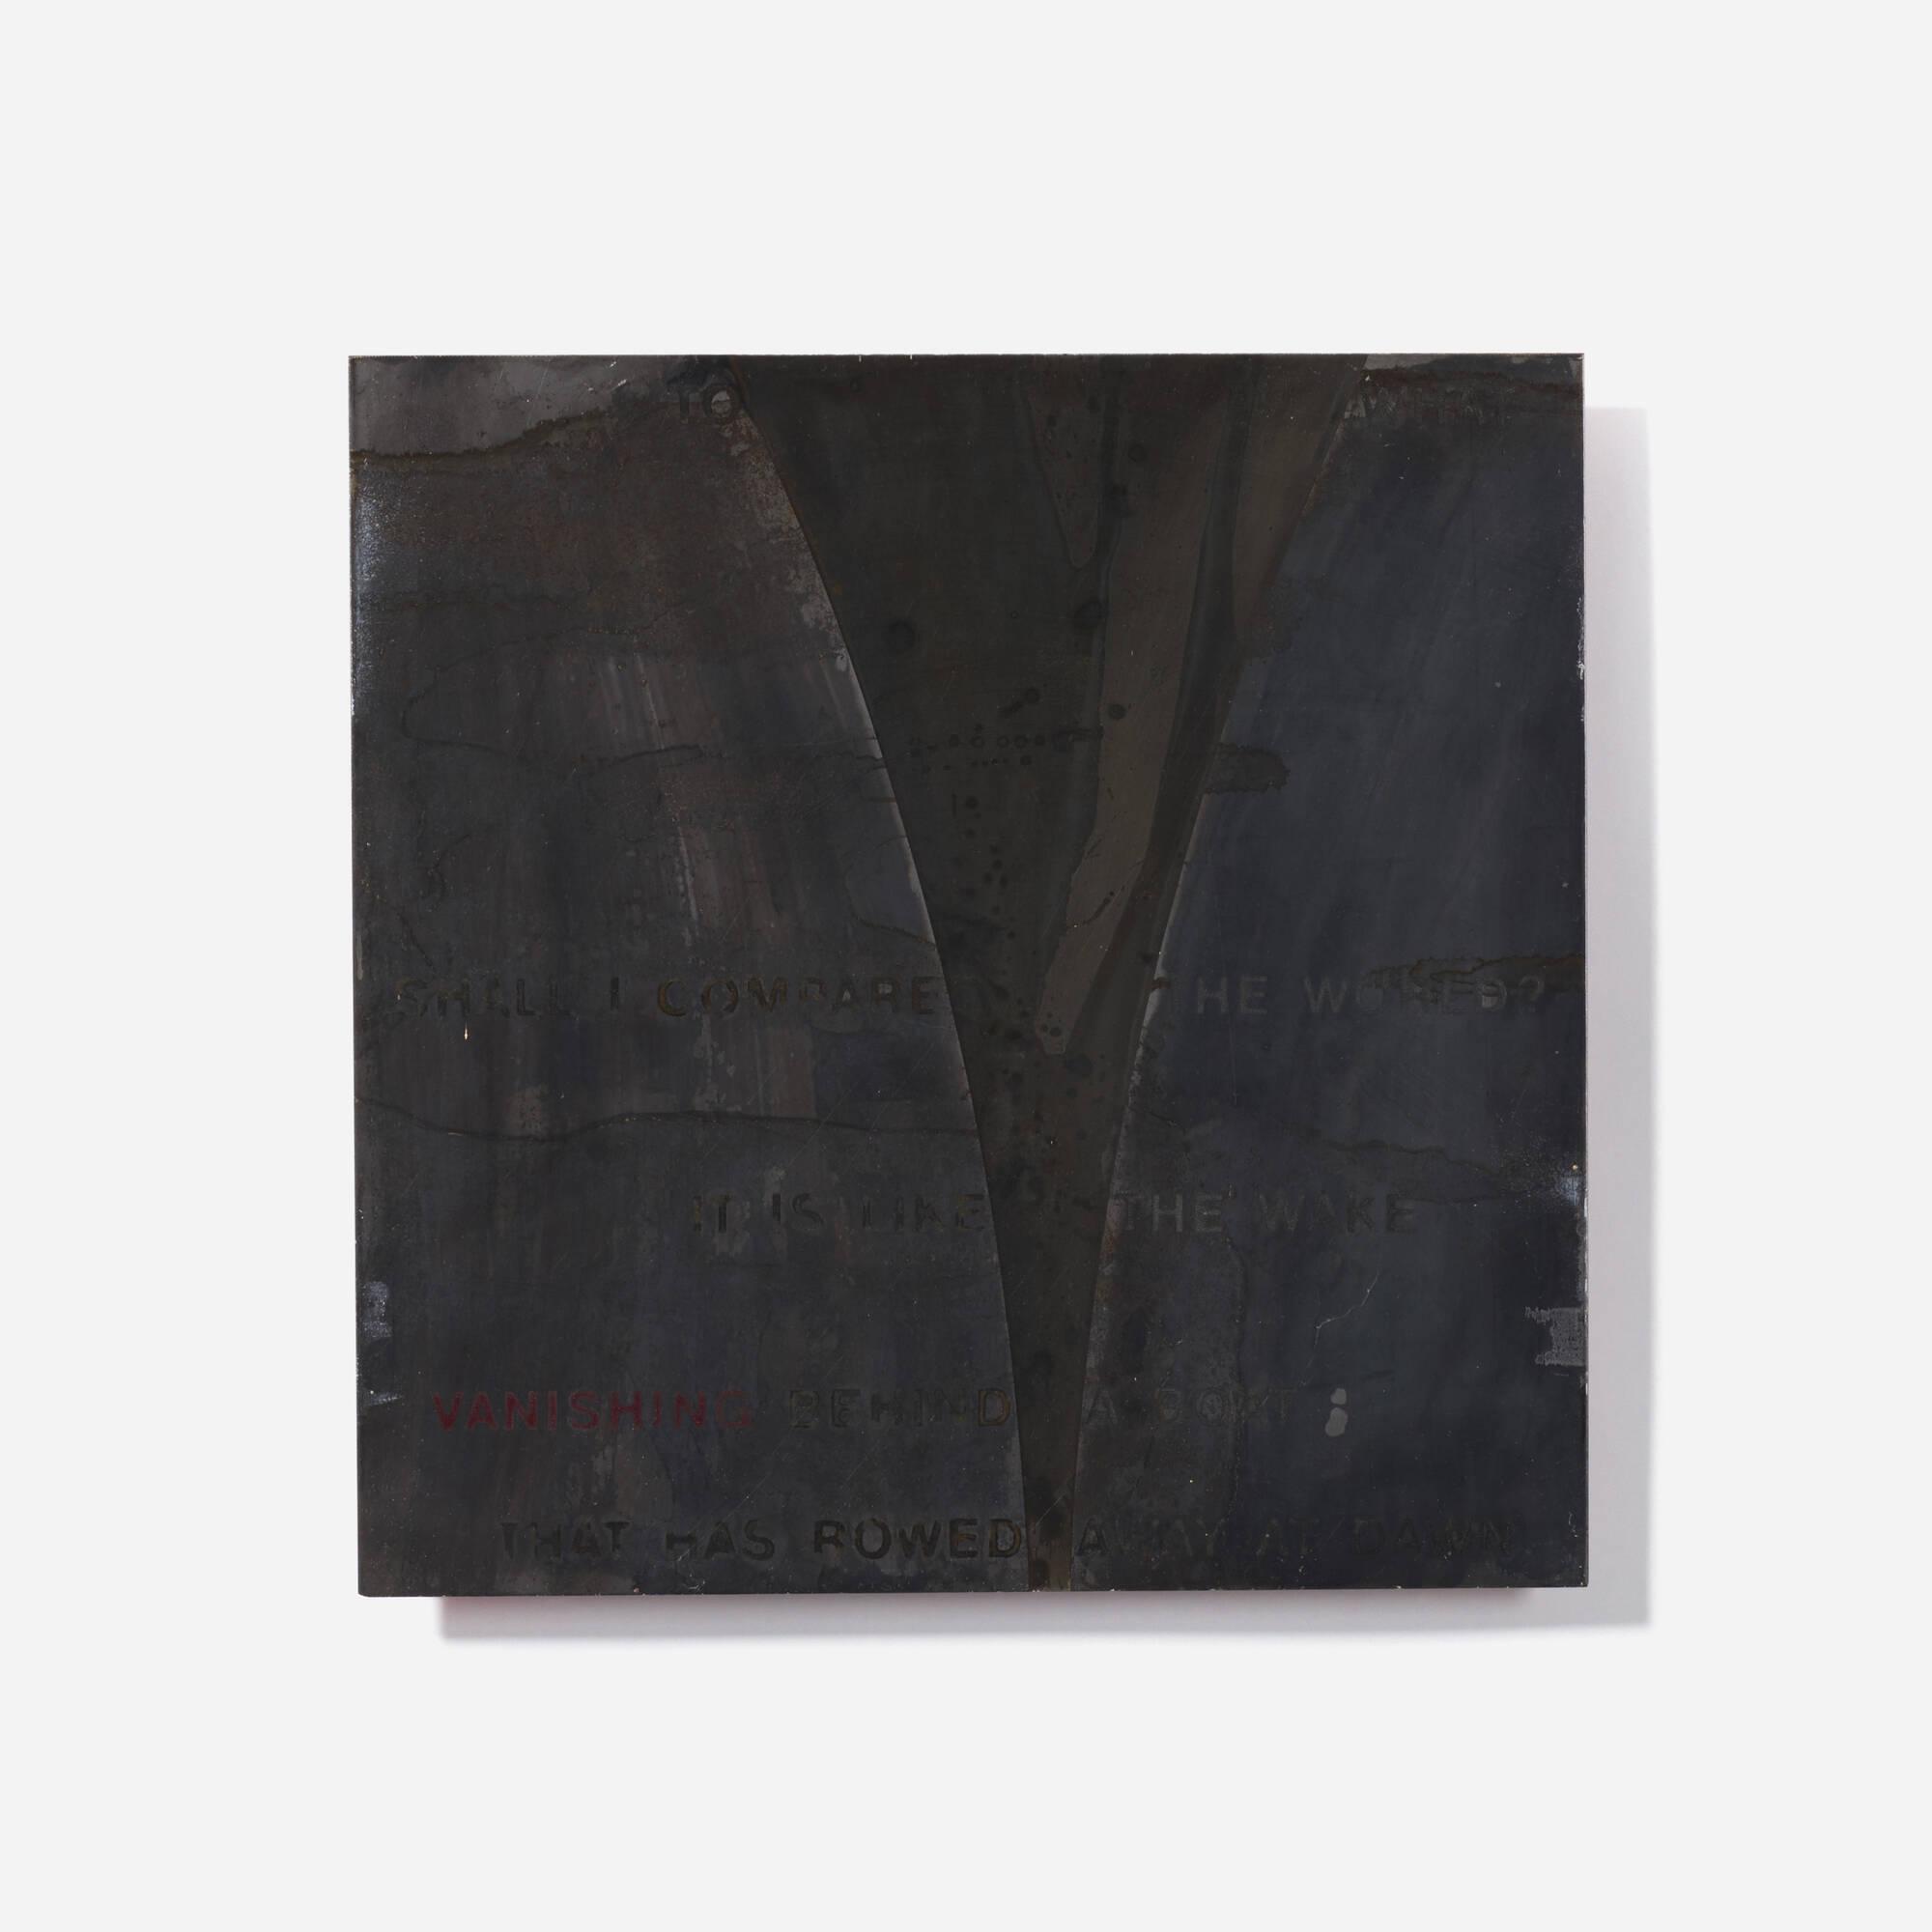 159: David Barr / Gossamer (Poetry Fragment) (1 of 2)